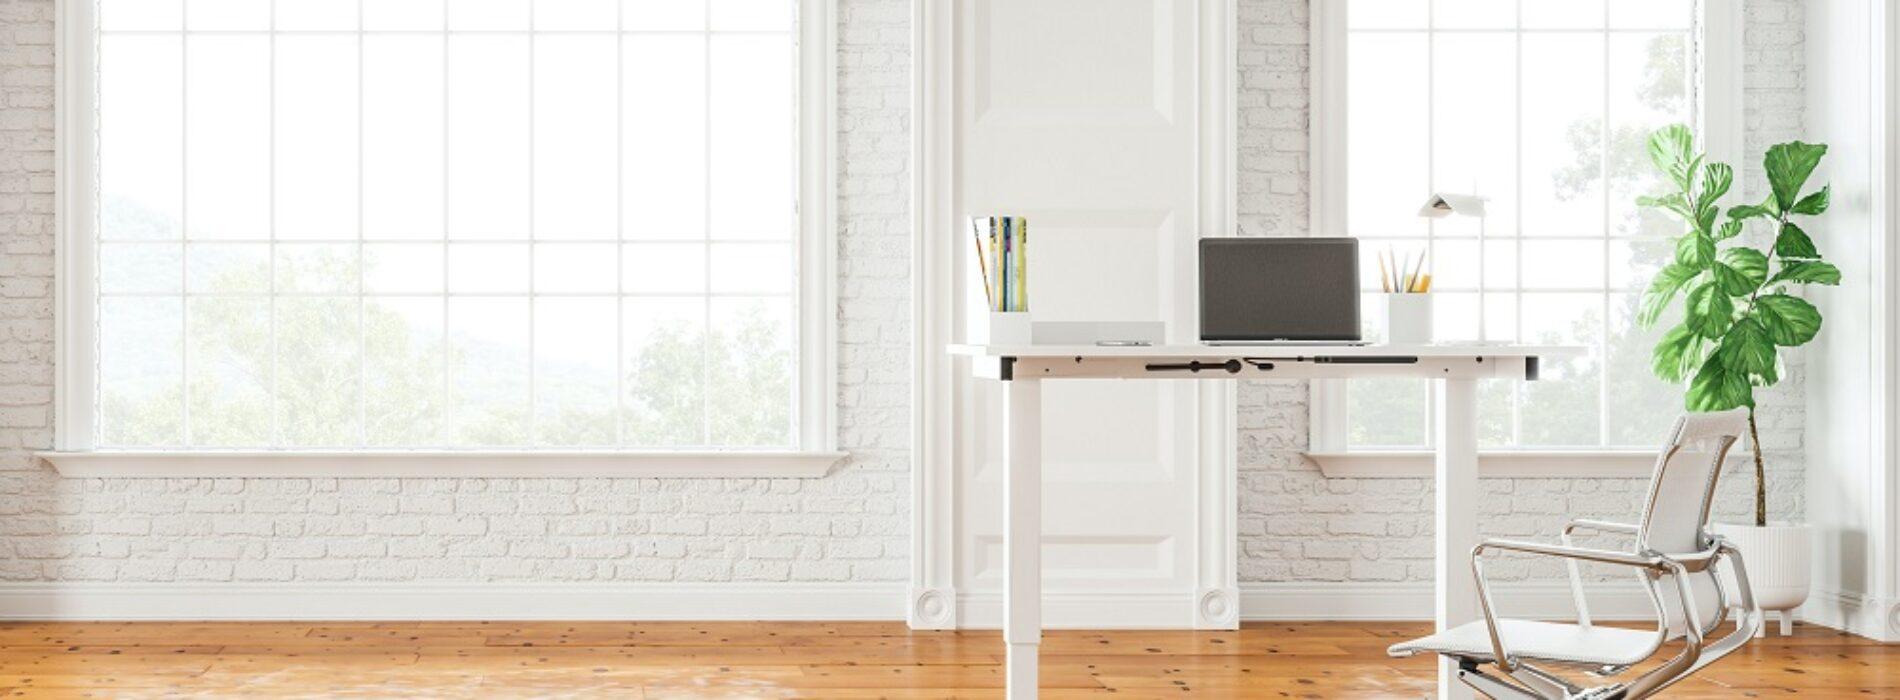 5 Porad, jak korzystać z biurka elektrycznie regulowanego